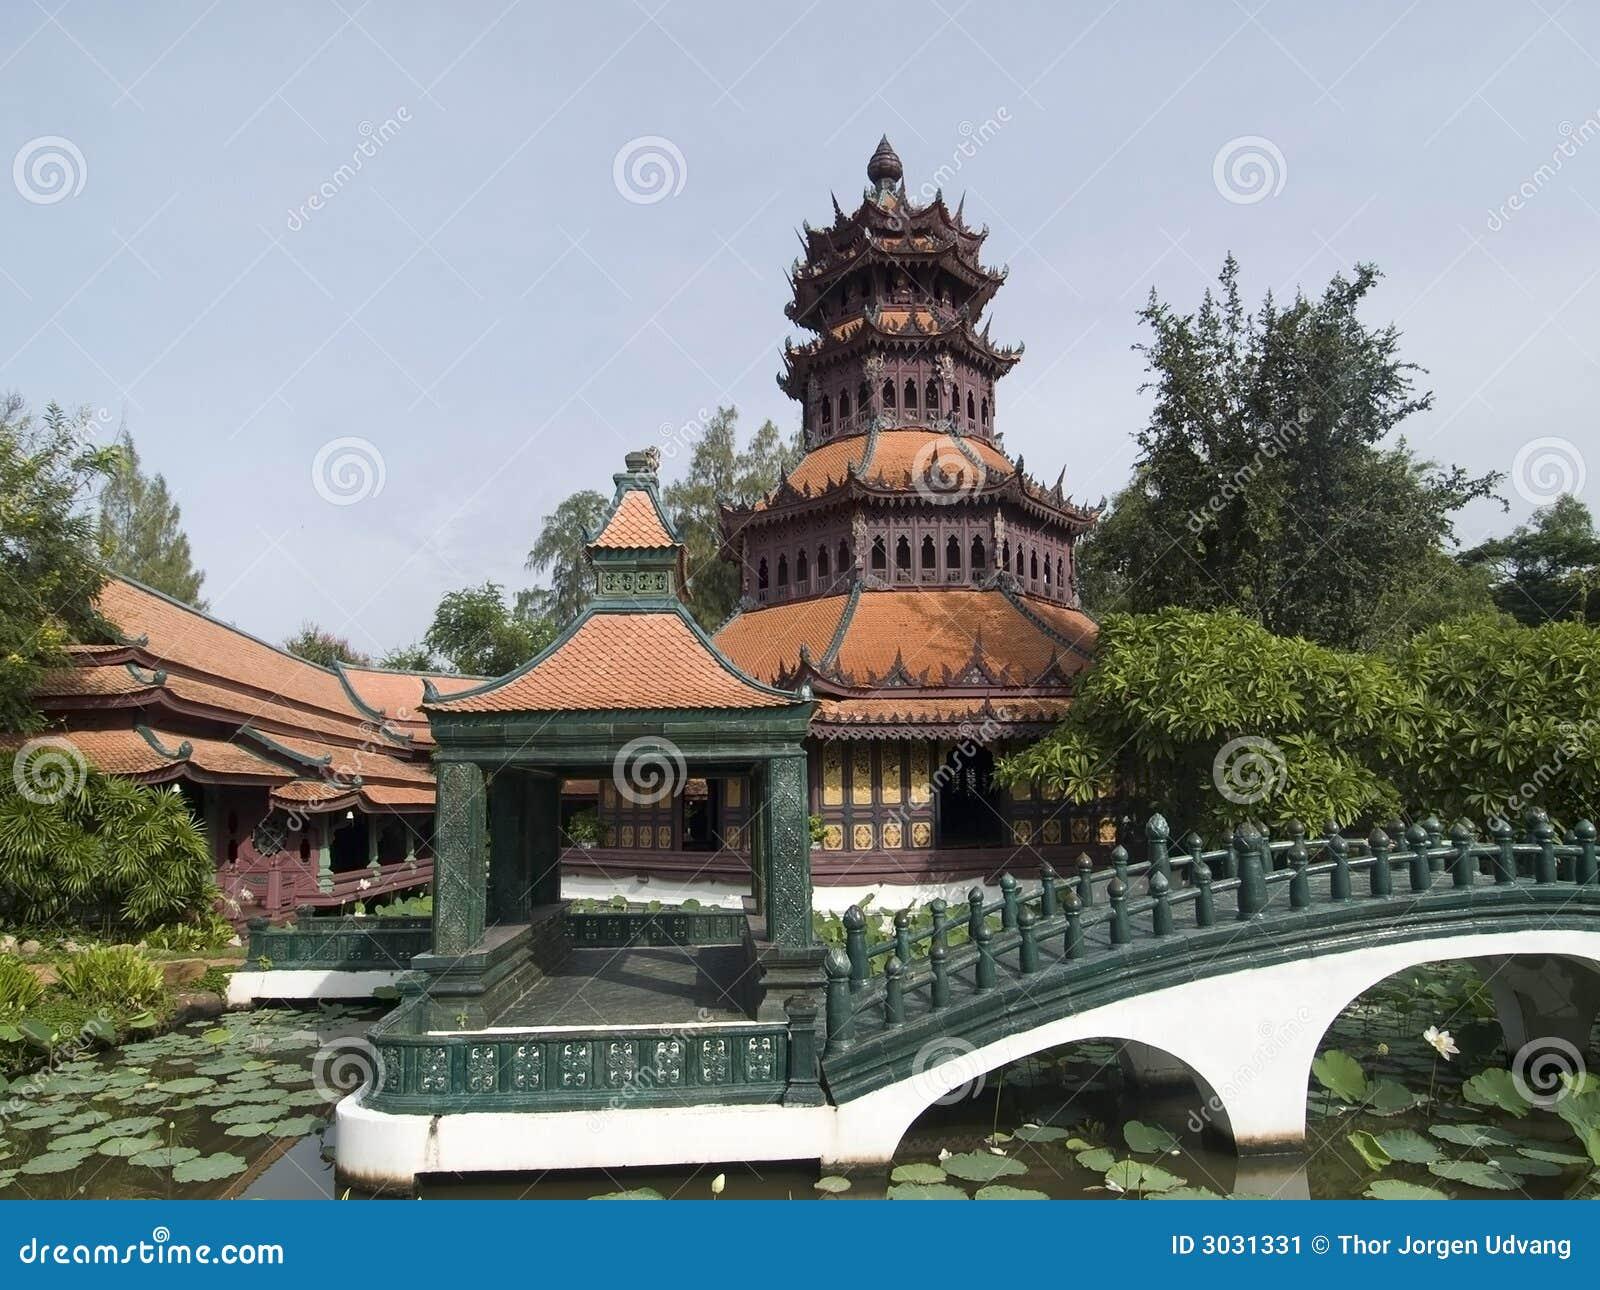 Architecture asiatique traditionnelle image stock image for Architecture traditionnelle